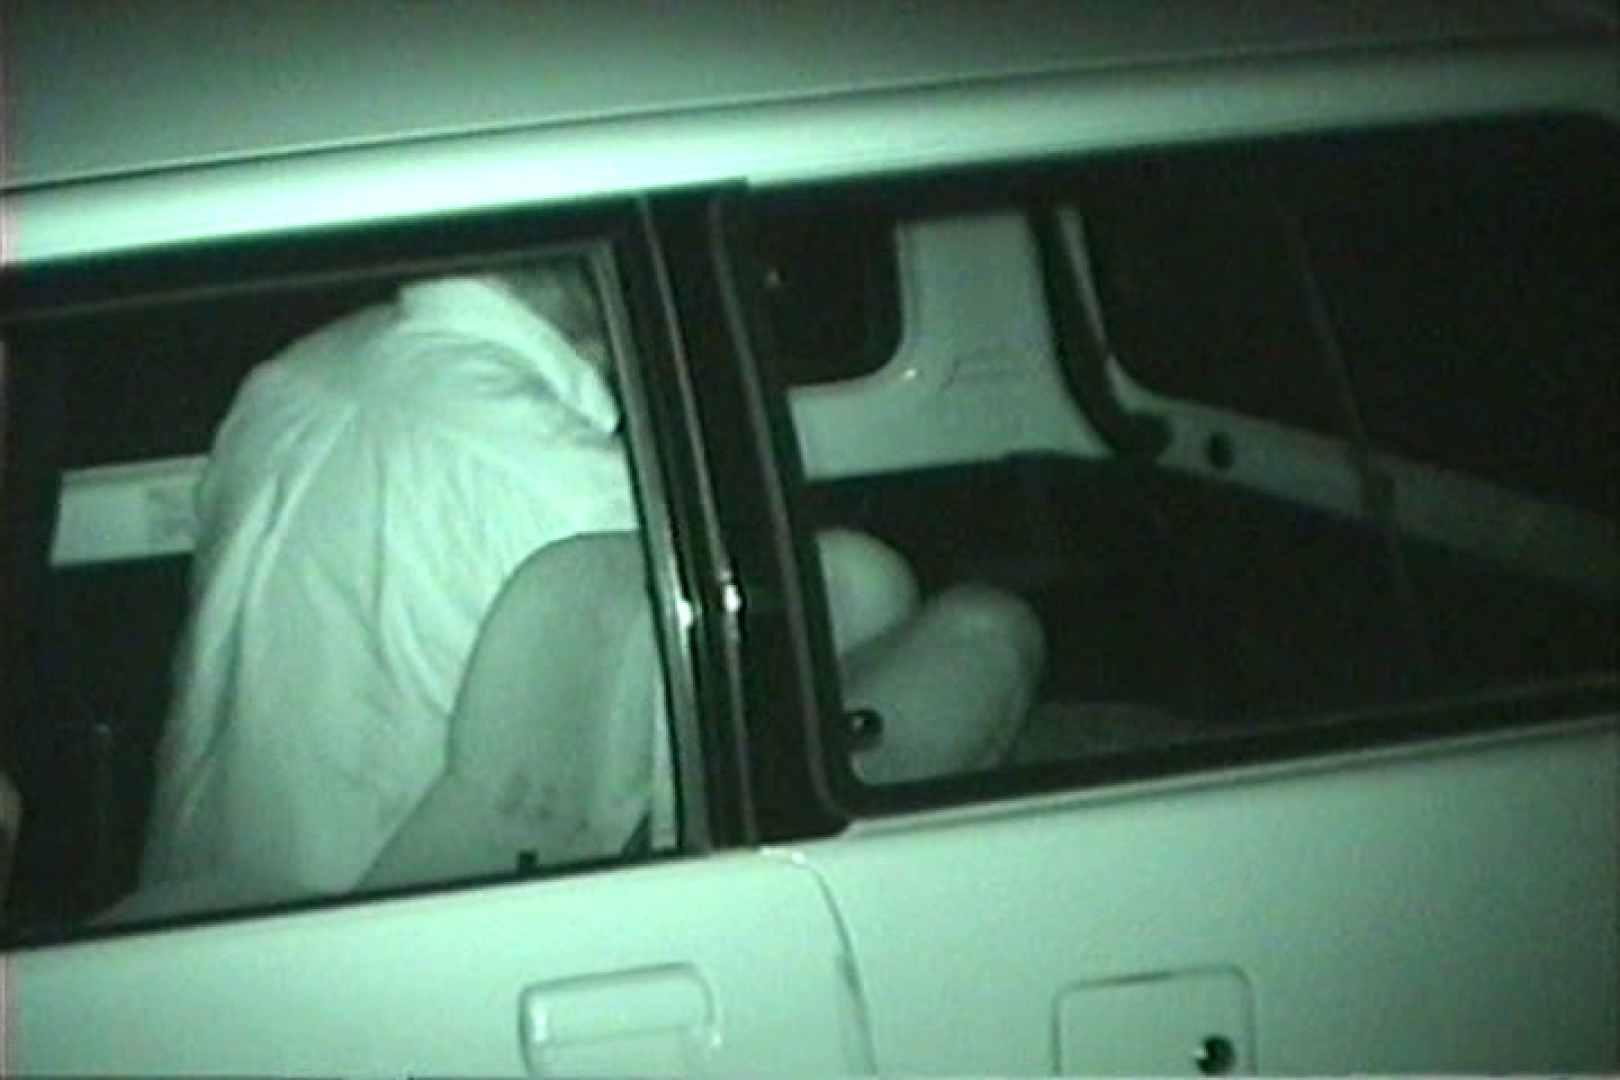 車の中はラブホテル 無修正版  Vol.27 マンコ無修正 盗み撮りオマンコ動画キャプチャ 91画像 91